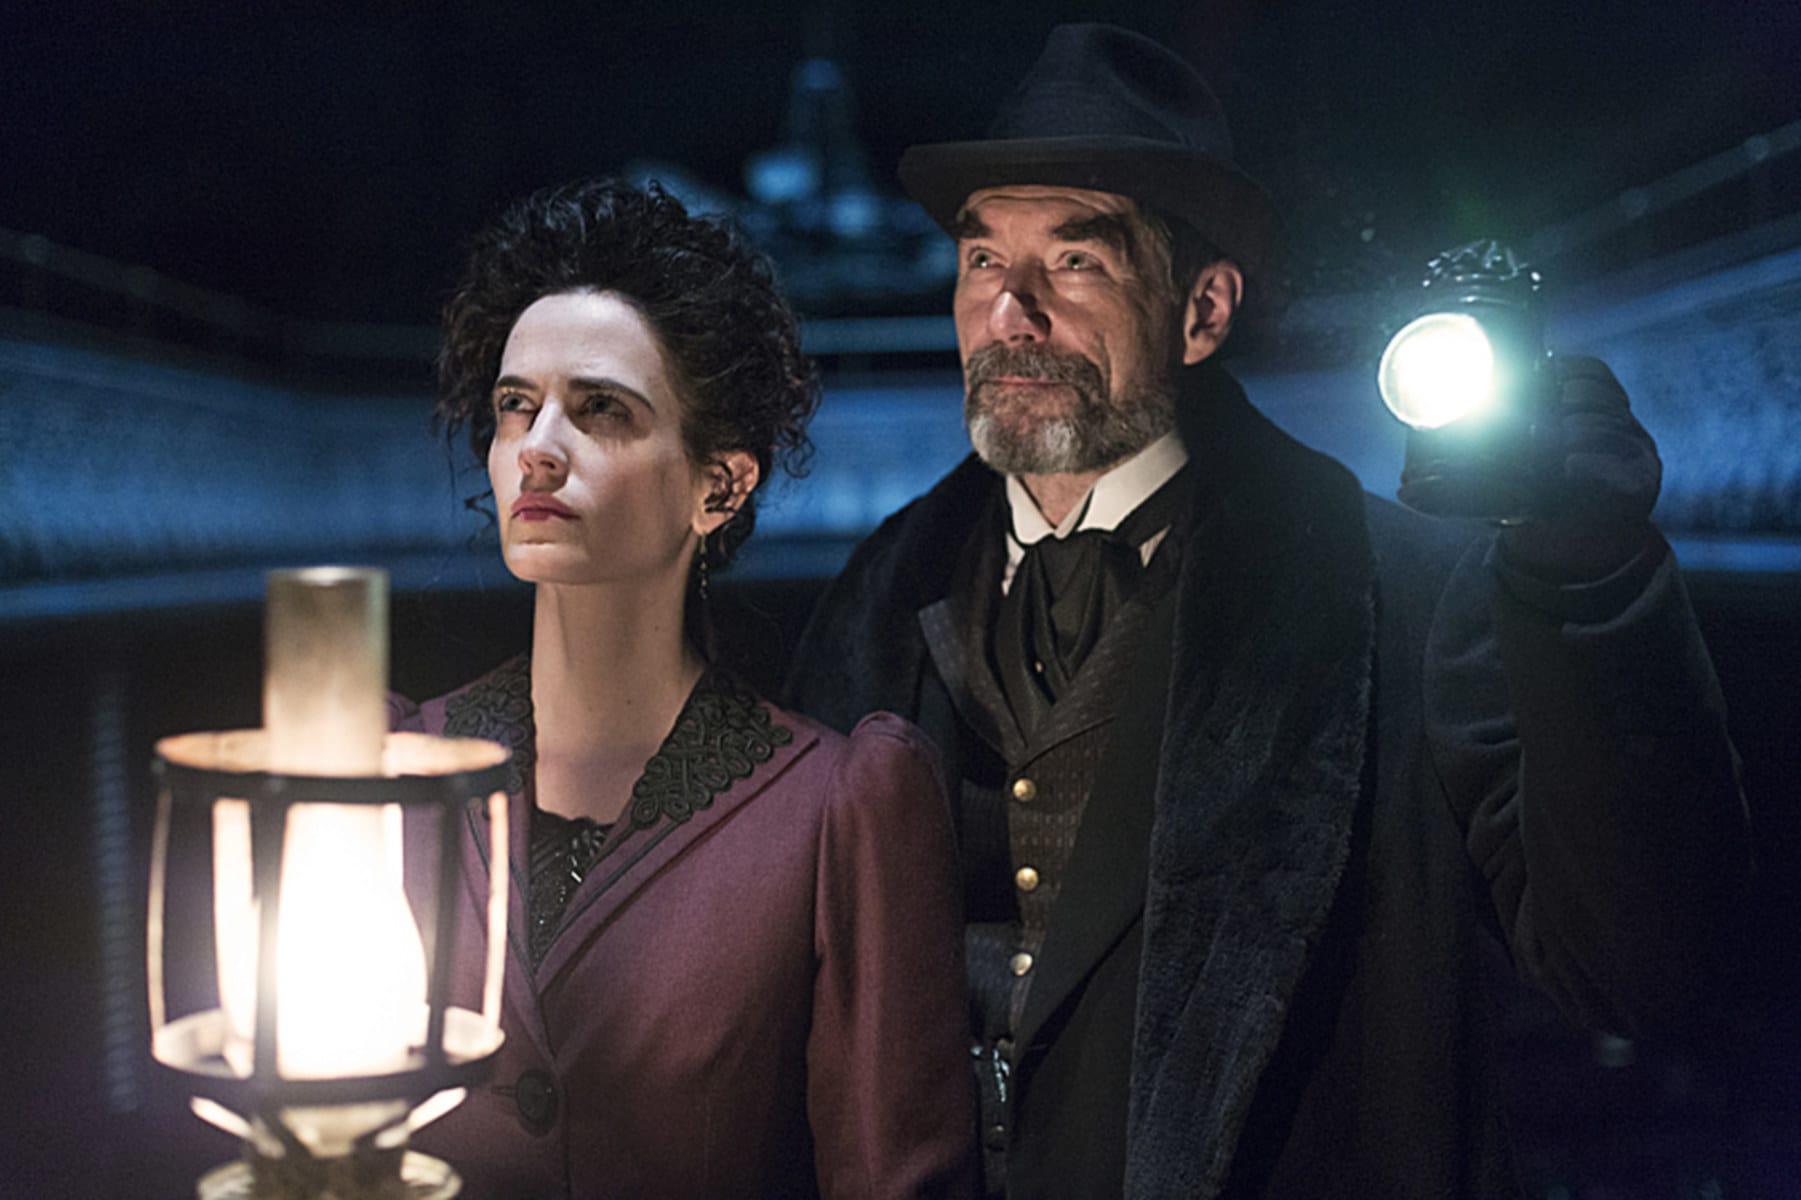 Imagem da série Penny Dreadful mostrando a personagem Vanessa Ives e o personagem Sir Malcom Murray. Ambos seguram lampiões.